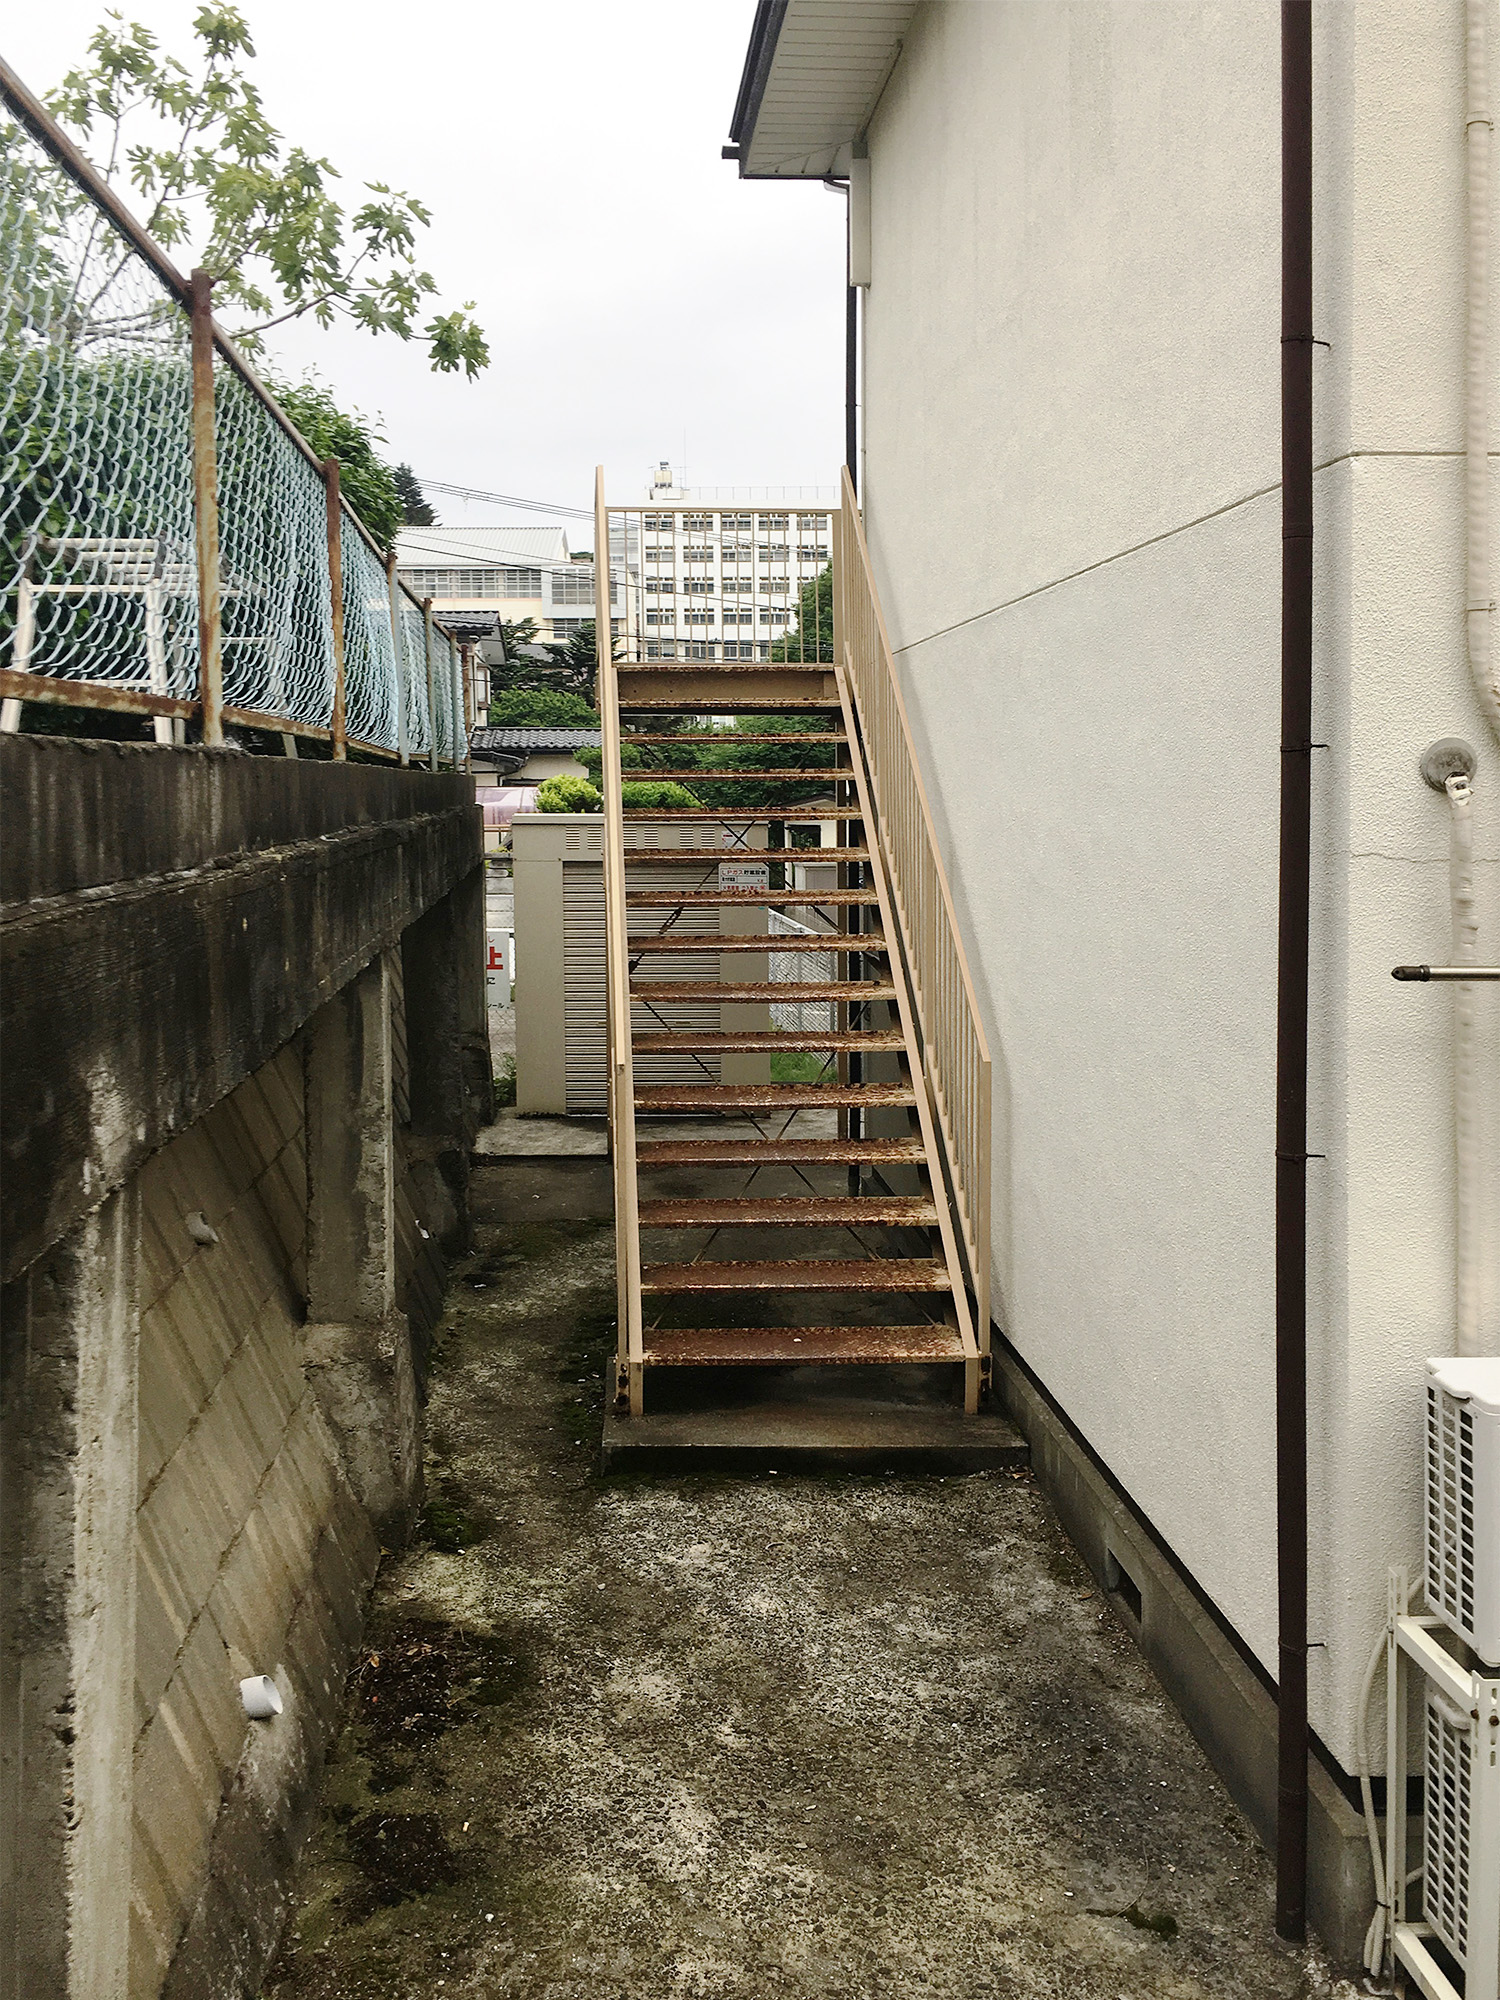 太白区アパート 外壁塗装・外装リフォーム 91万円/工期10日間 施工前